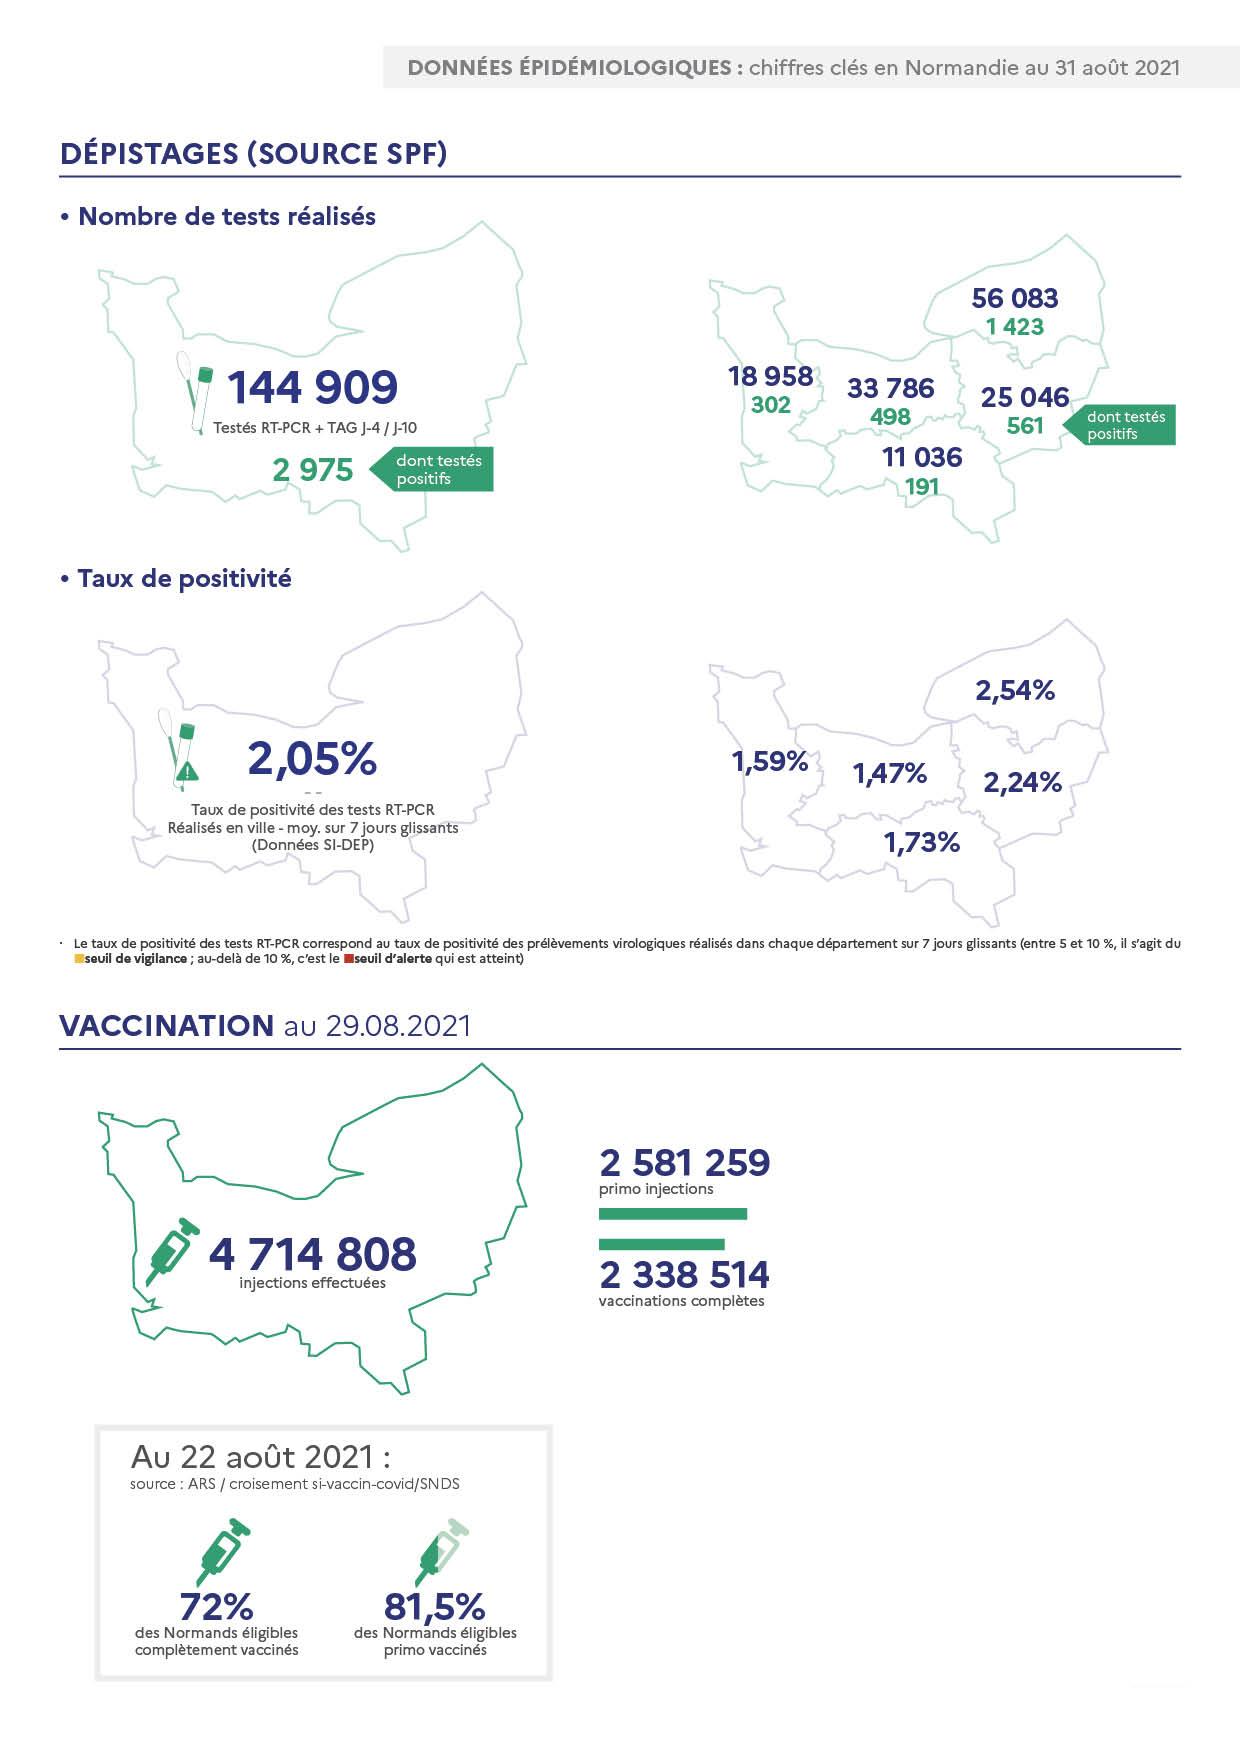 Données épidémiologiques : Chiffres clés en Normandie au 31 août 2021 page 3